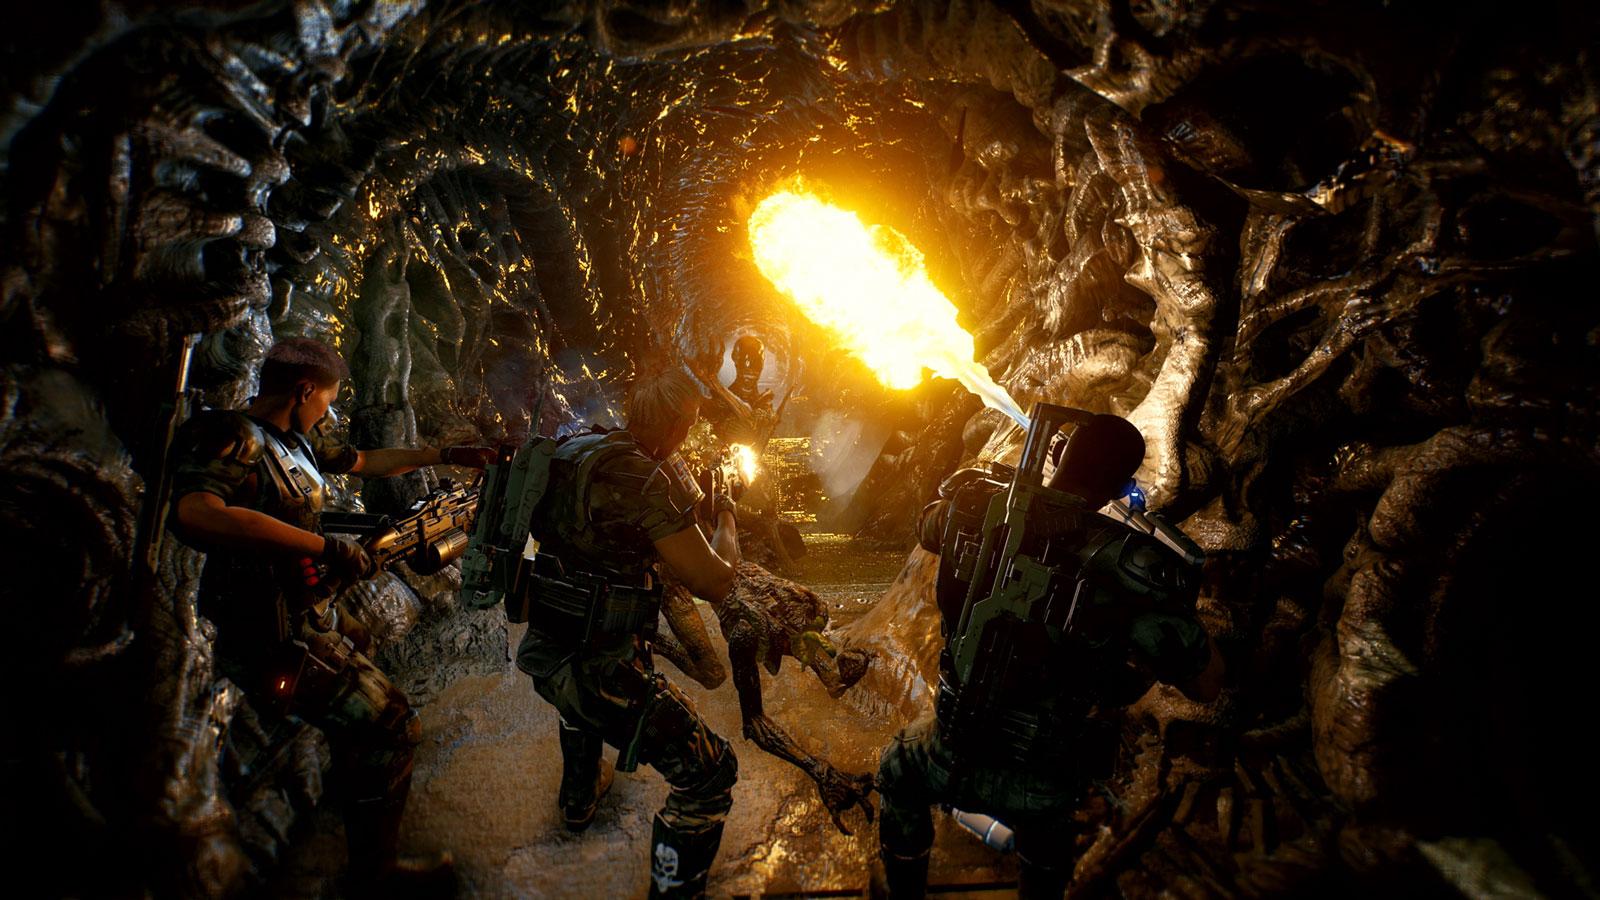 Free Aliens: Fireteam Elite Wallpaper in 1600x900